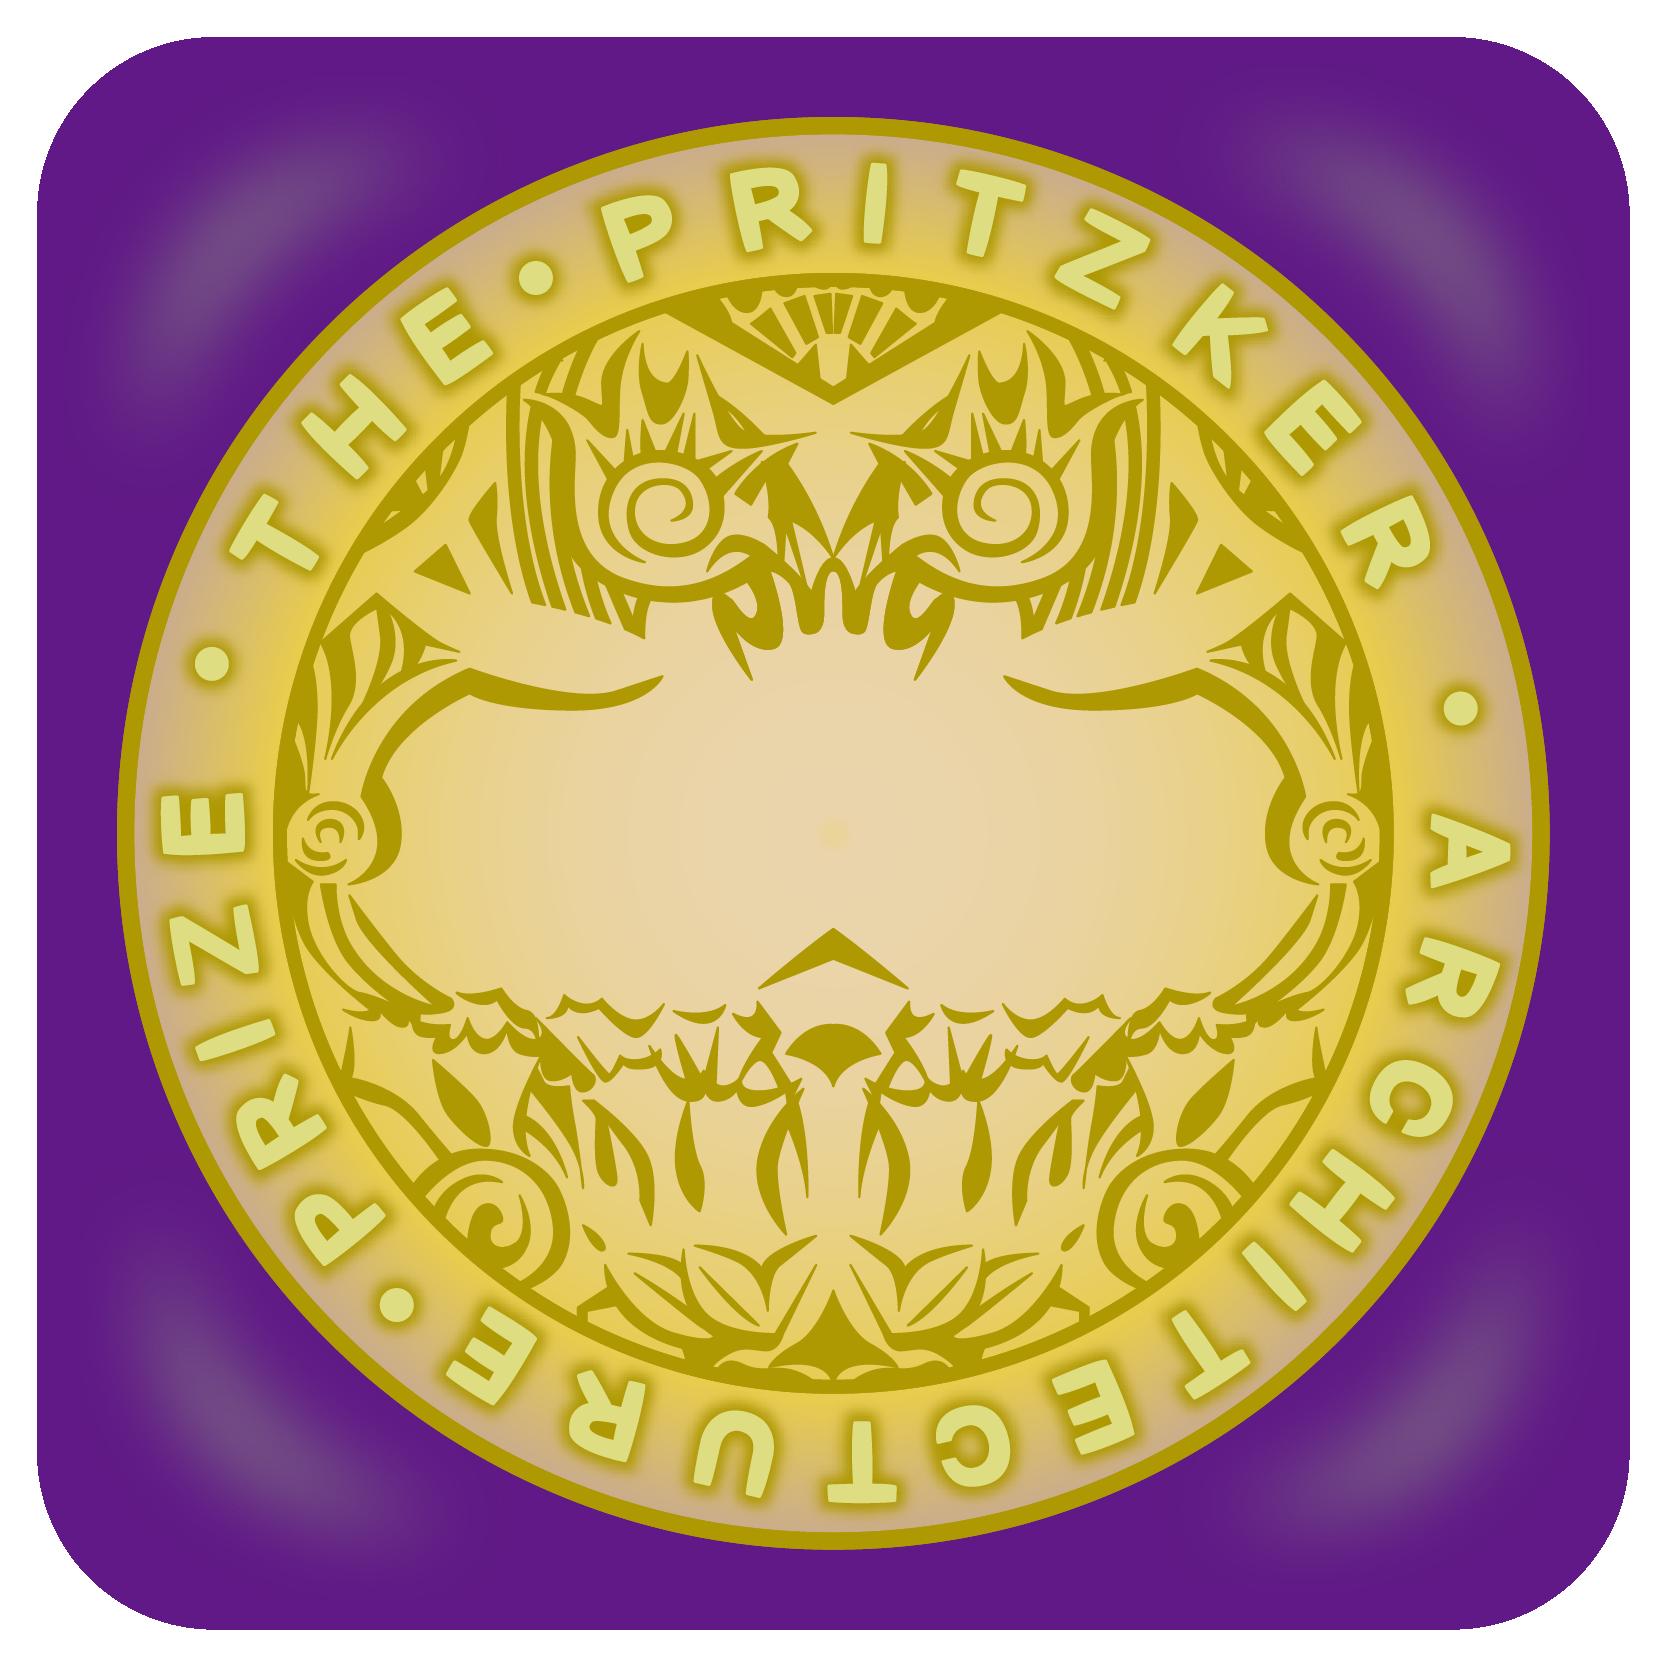 商用フリー無料イラスト_プリツカー賞_メダル_紫ケース_The Pritzker Architecture Prize_005